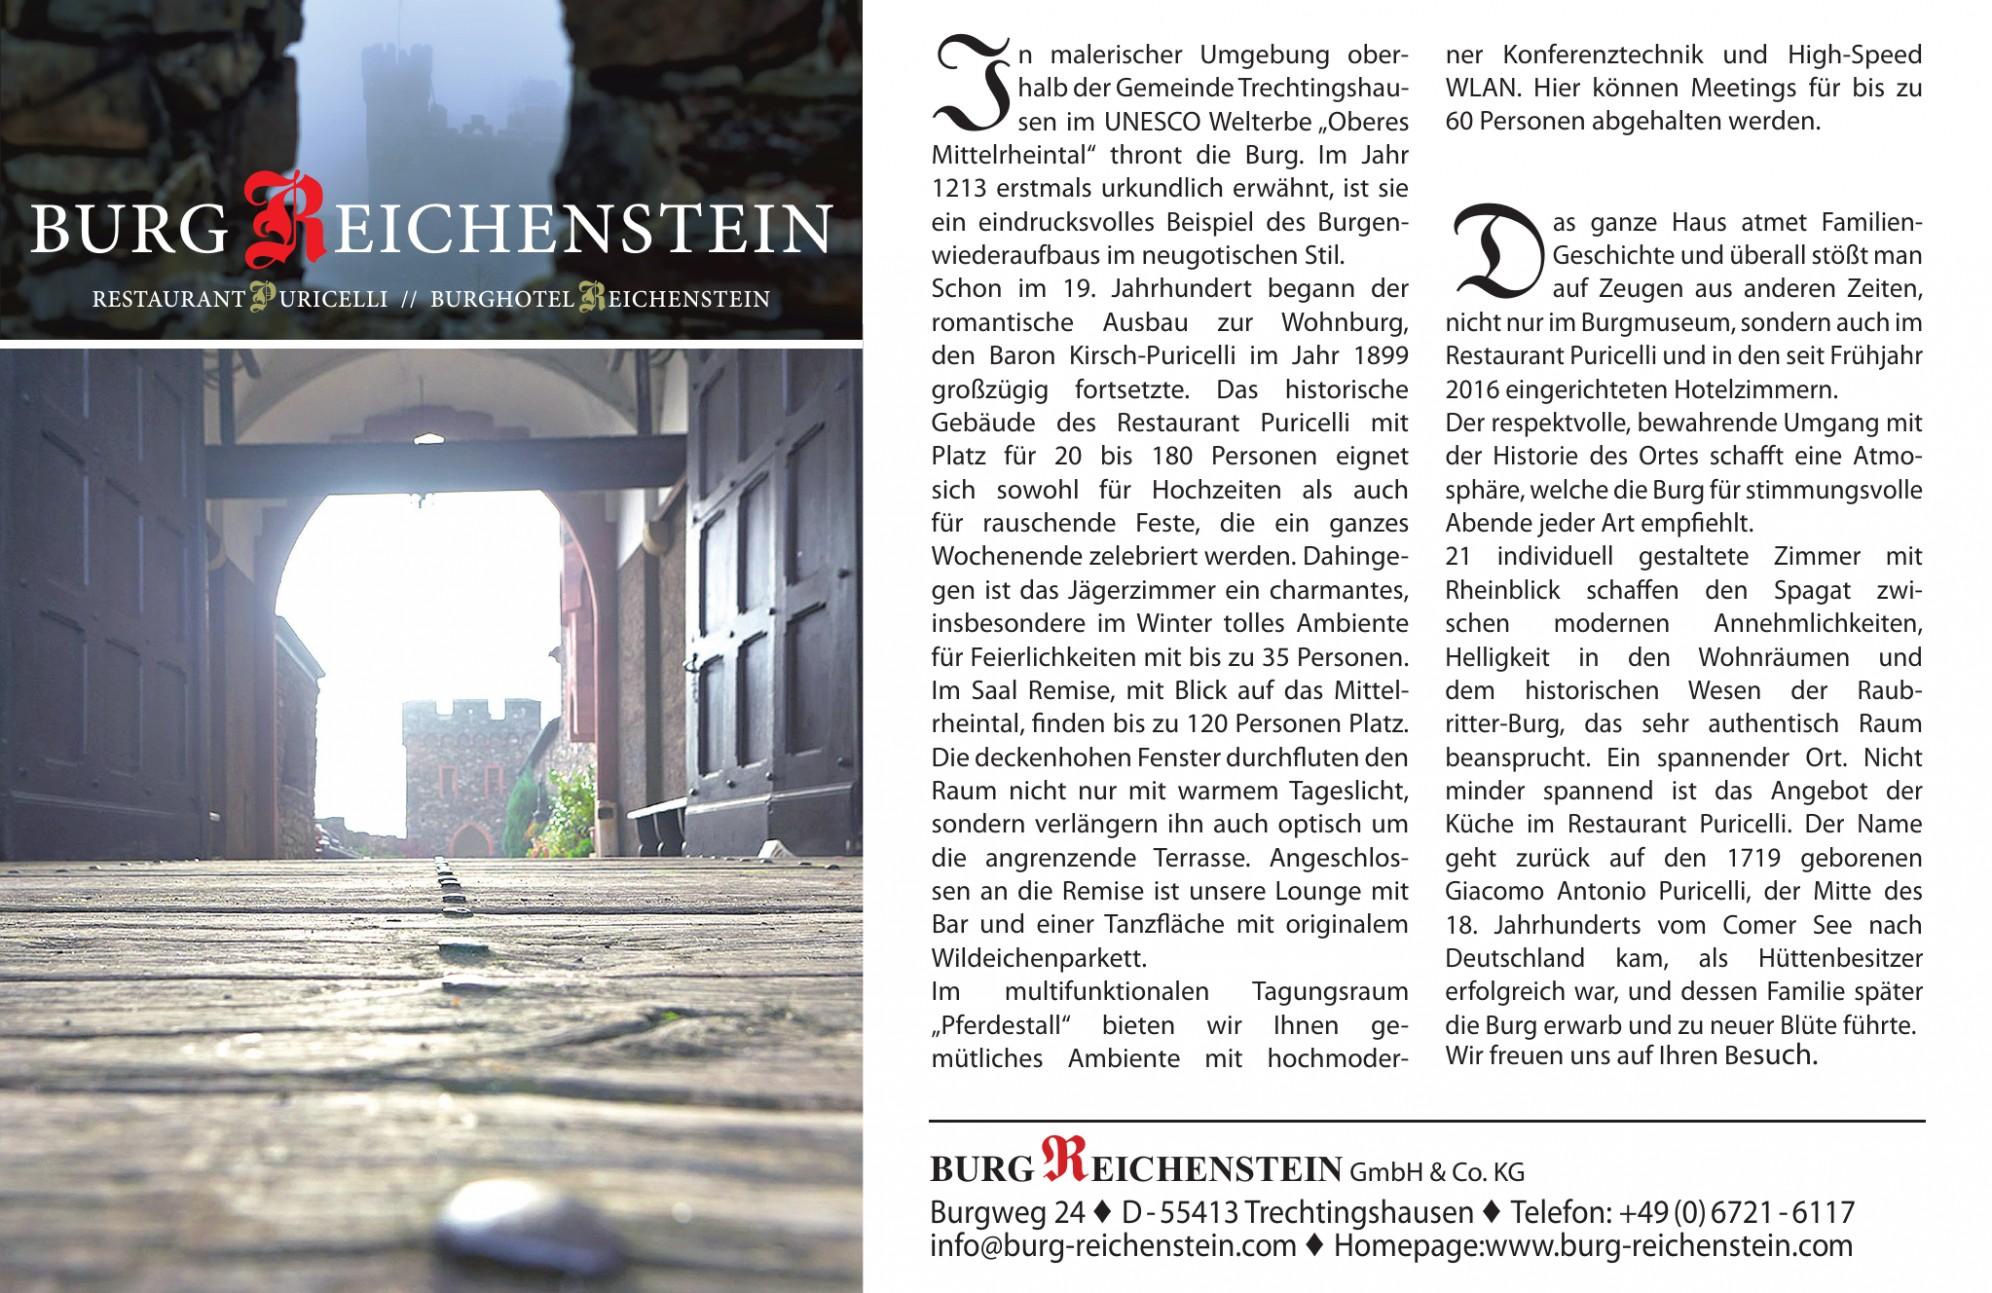 Burg Reichenstein GmbH & Co. KG